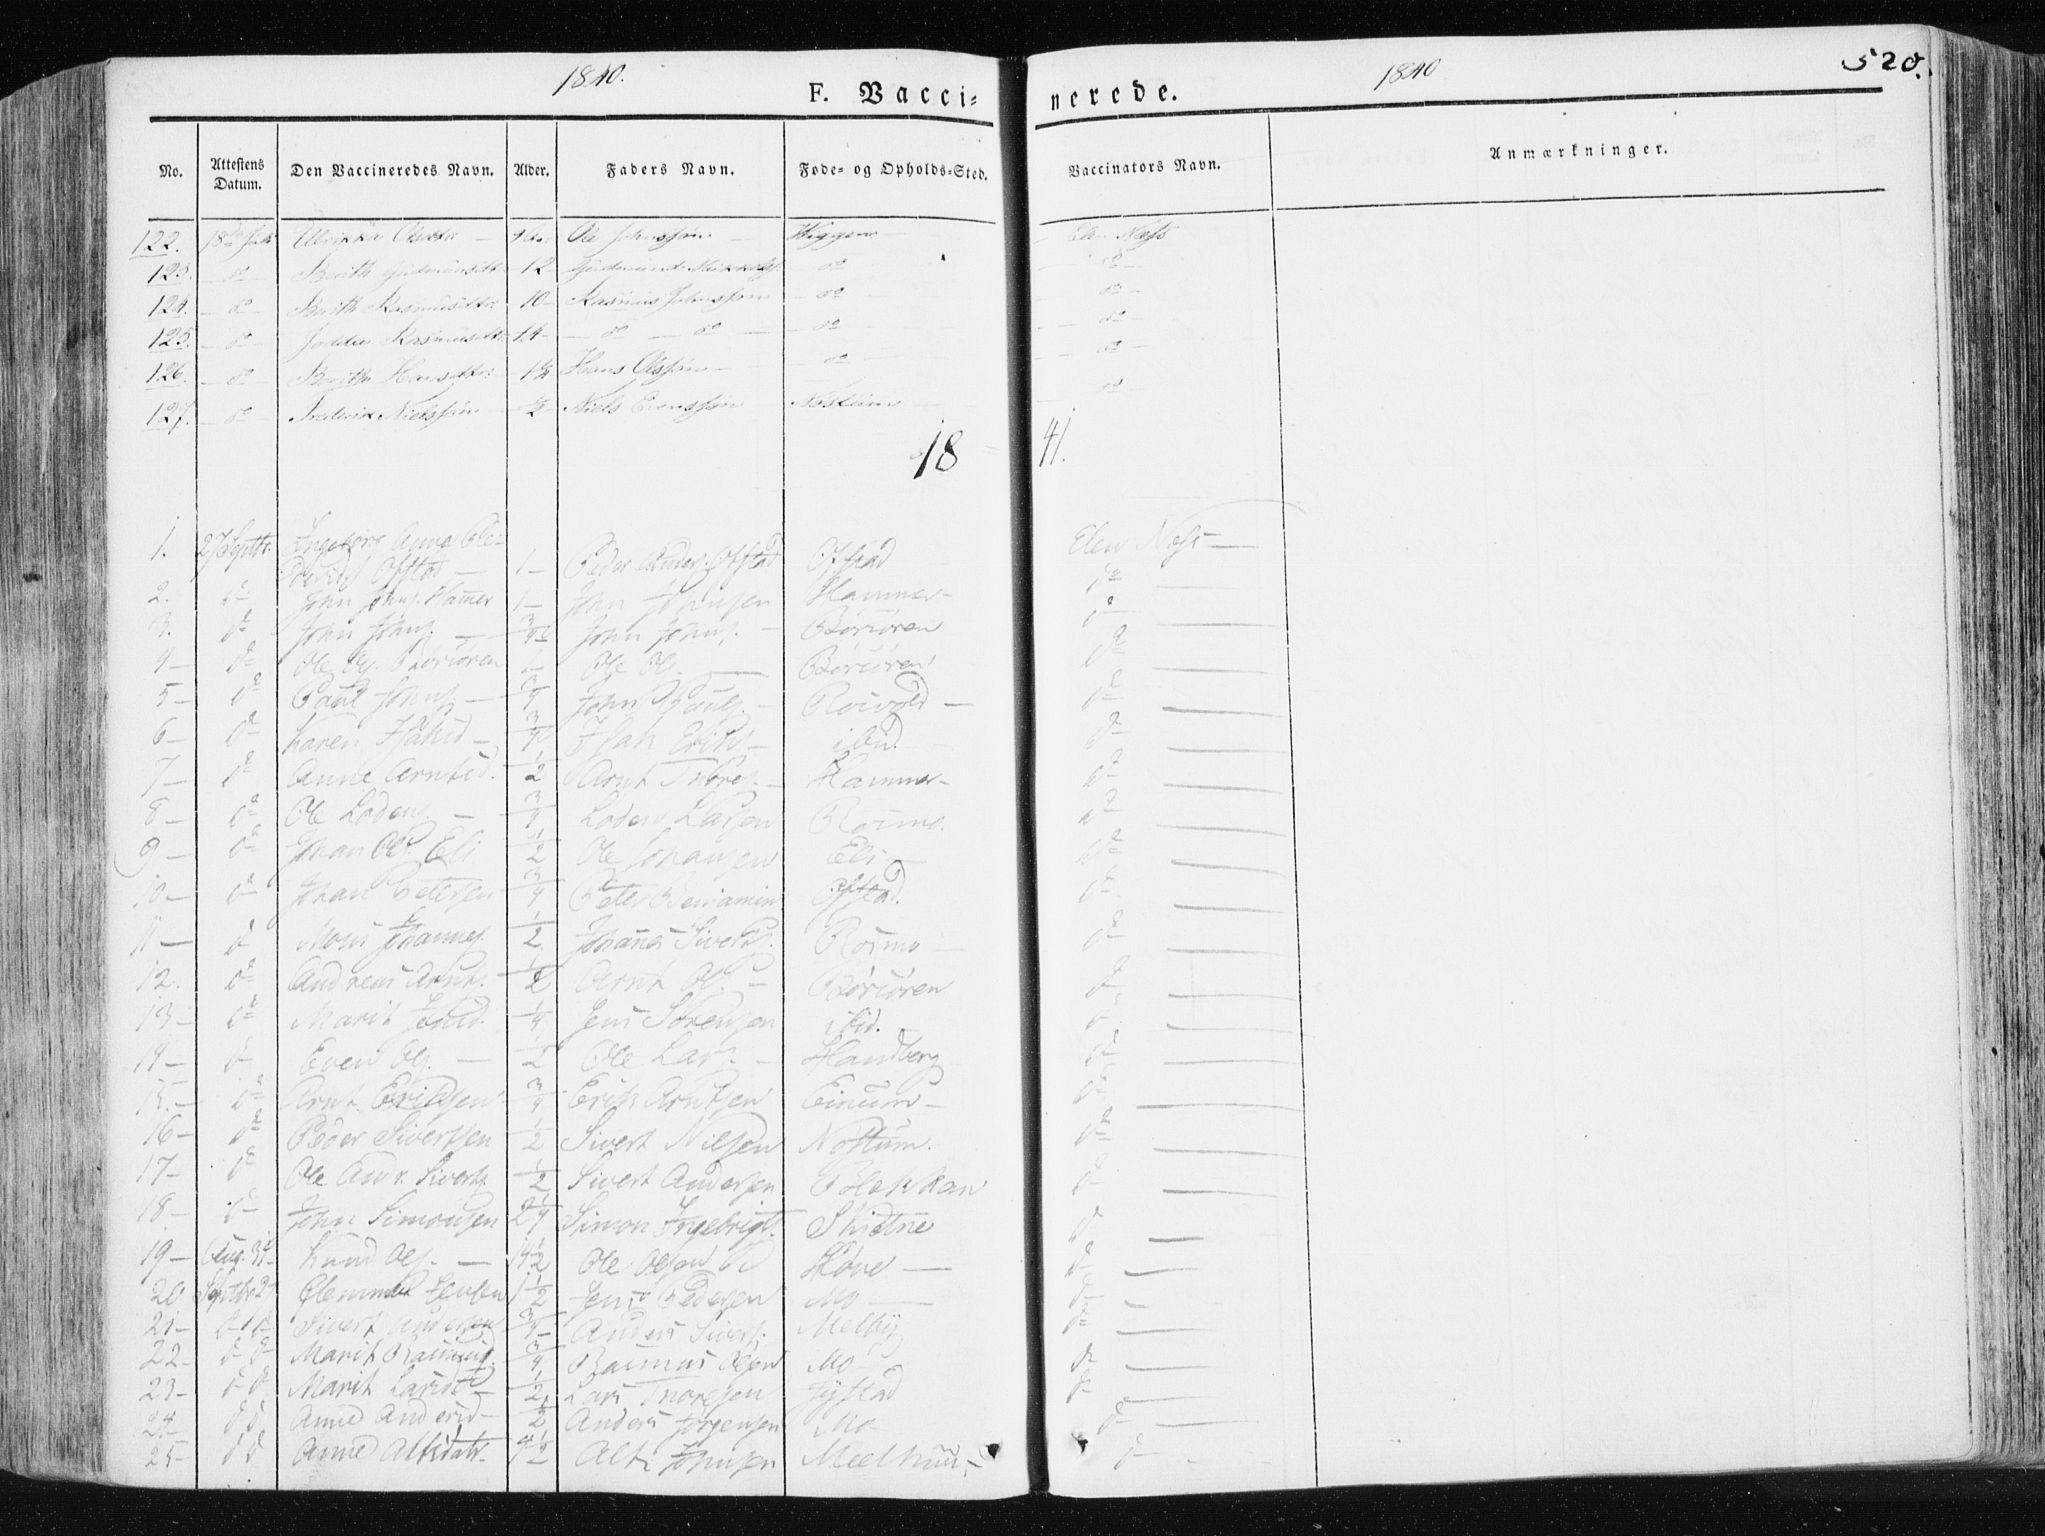 SAT, Ministerialprotokoller, klokkerbøker og fødselsregistre - Sør-Trøndelag, 665/L0771: Ministerialbok nr. 665A06, 1830-1856, s. 520